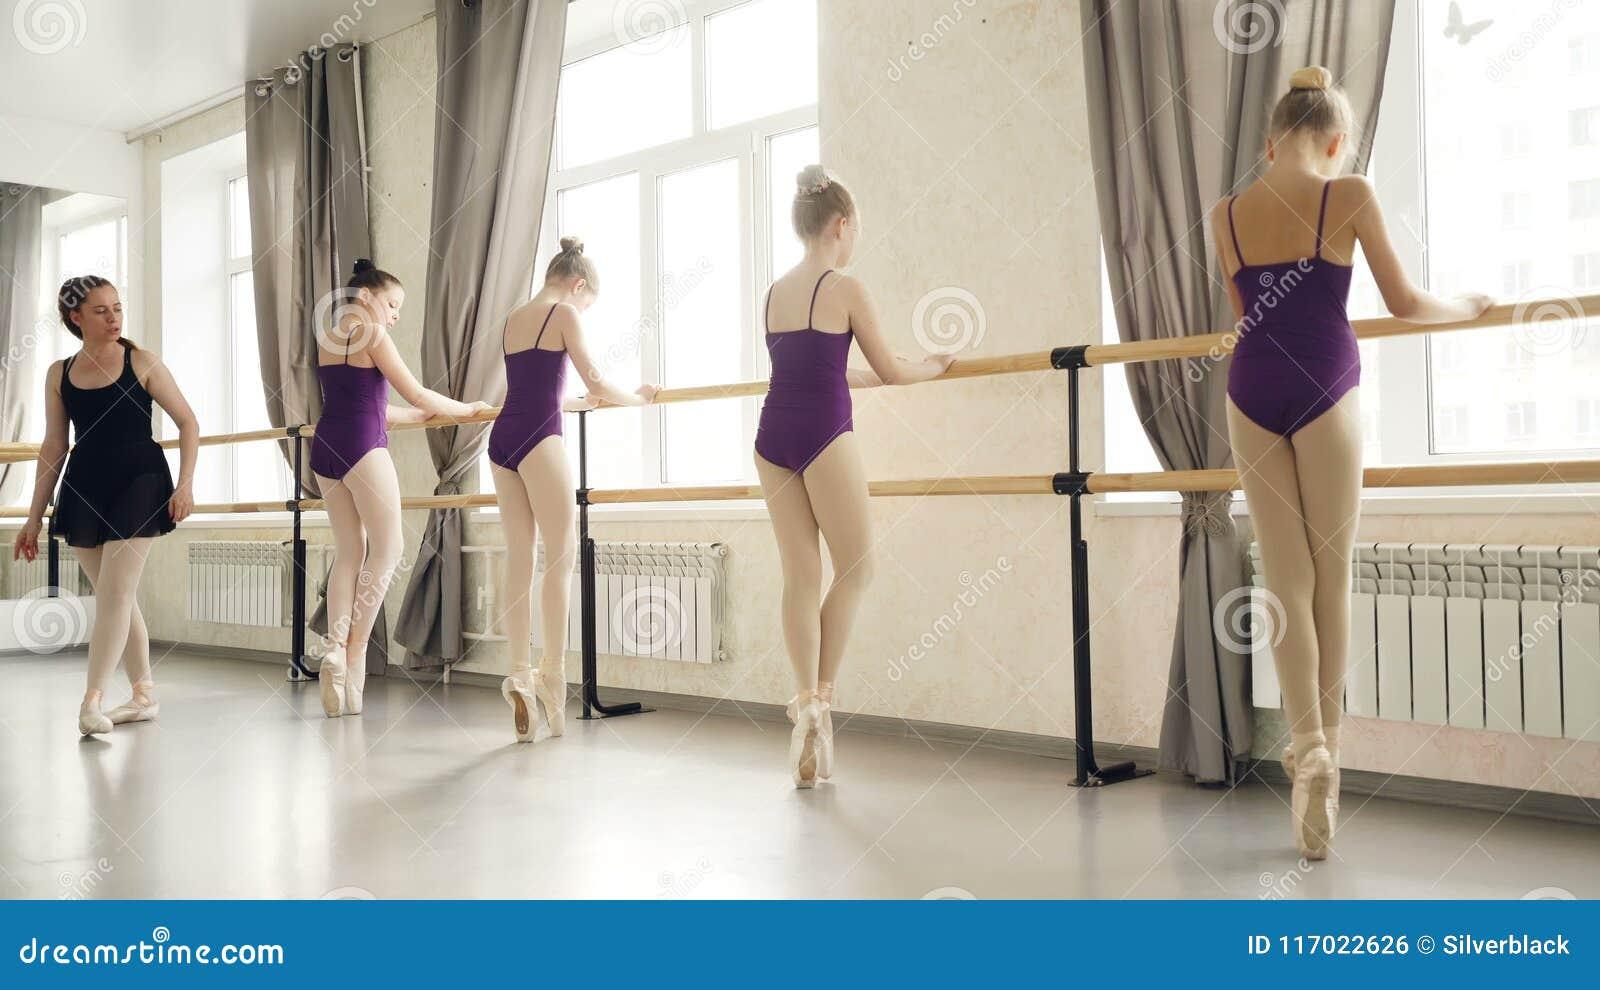 Dünne Mädchen in den Trikotanzügen und in den Ballettpantoffeln tun plie und an gehend gehen auf den Zehen Ballett Barre während.